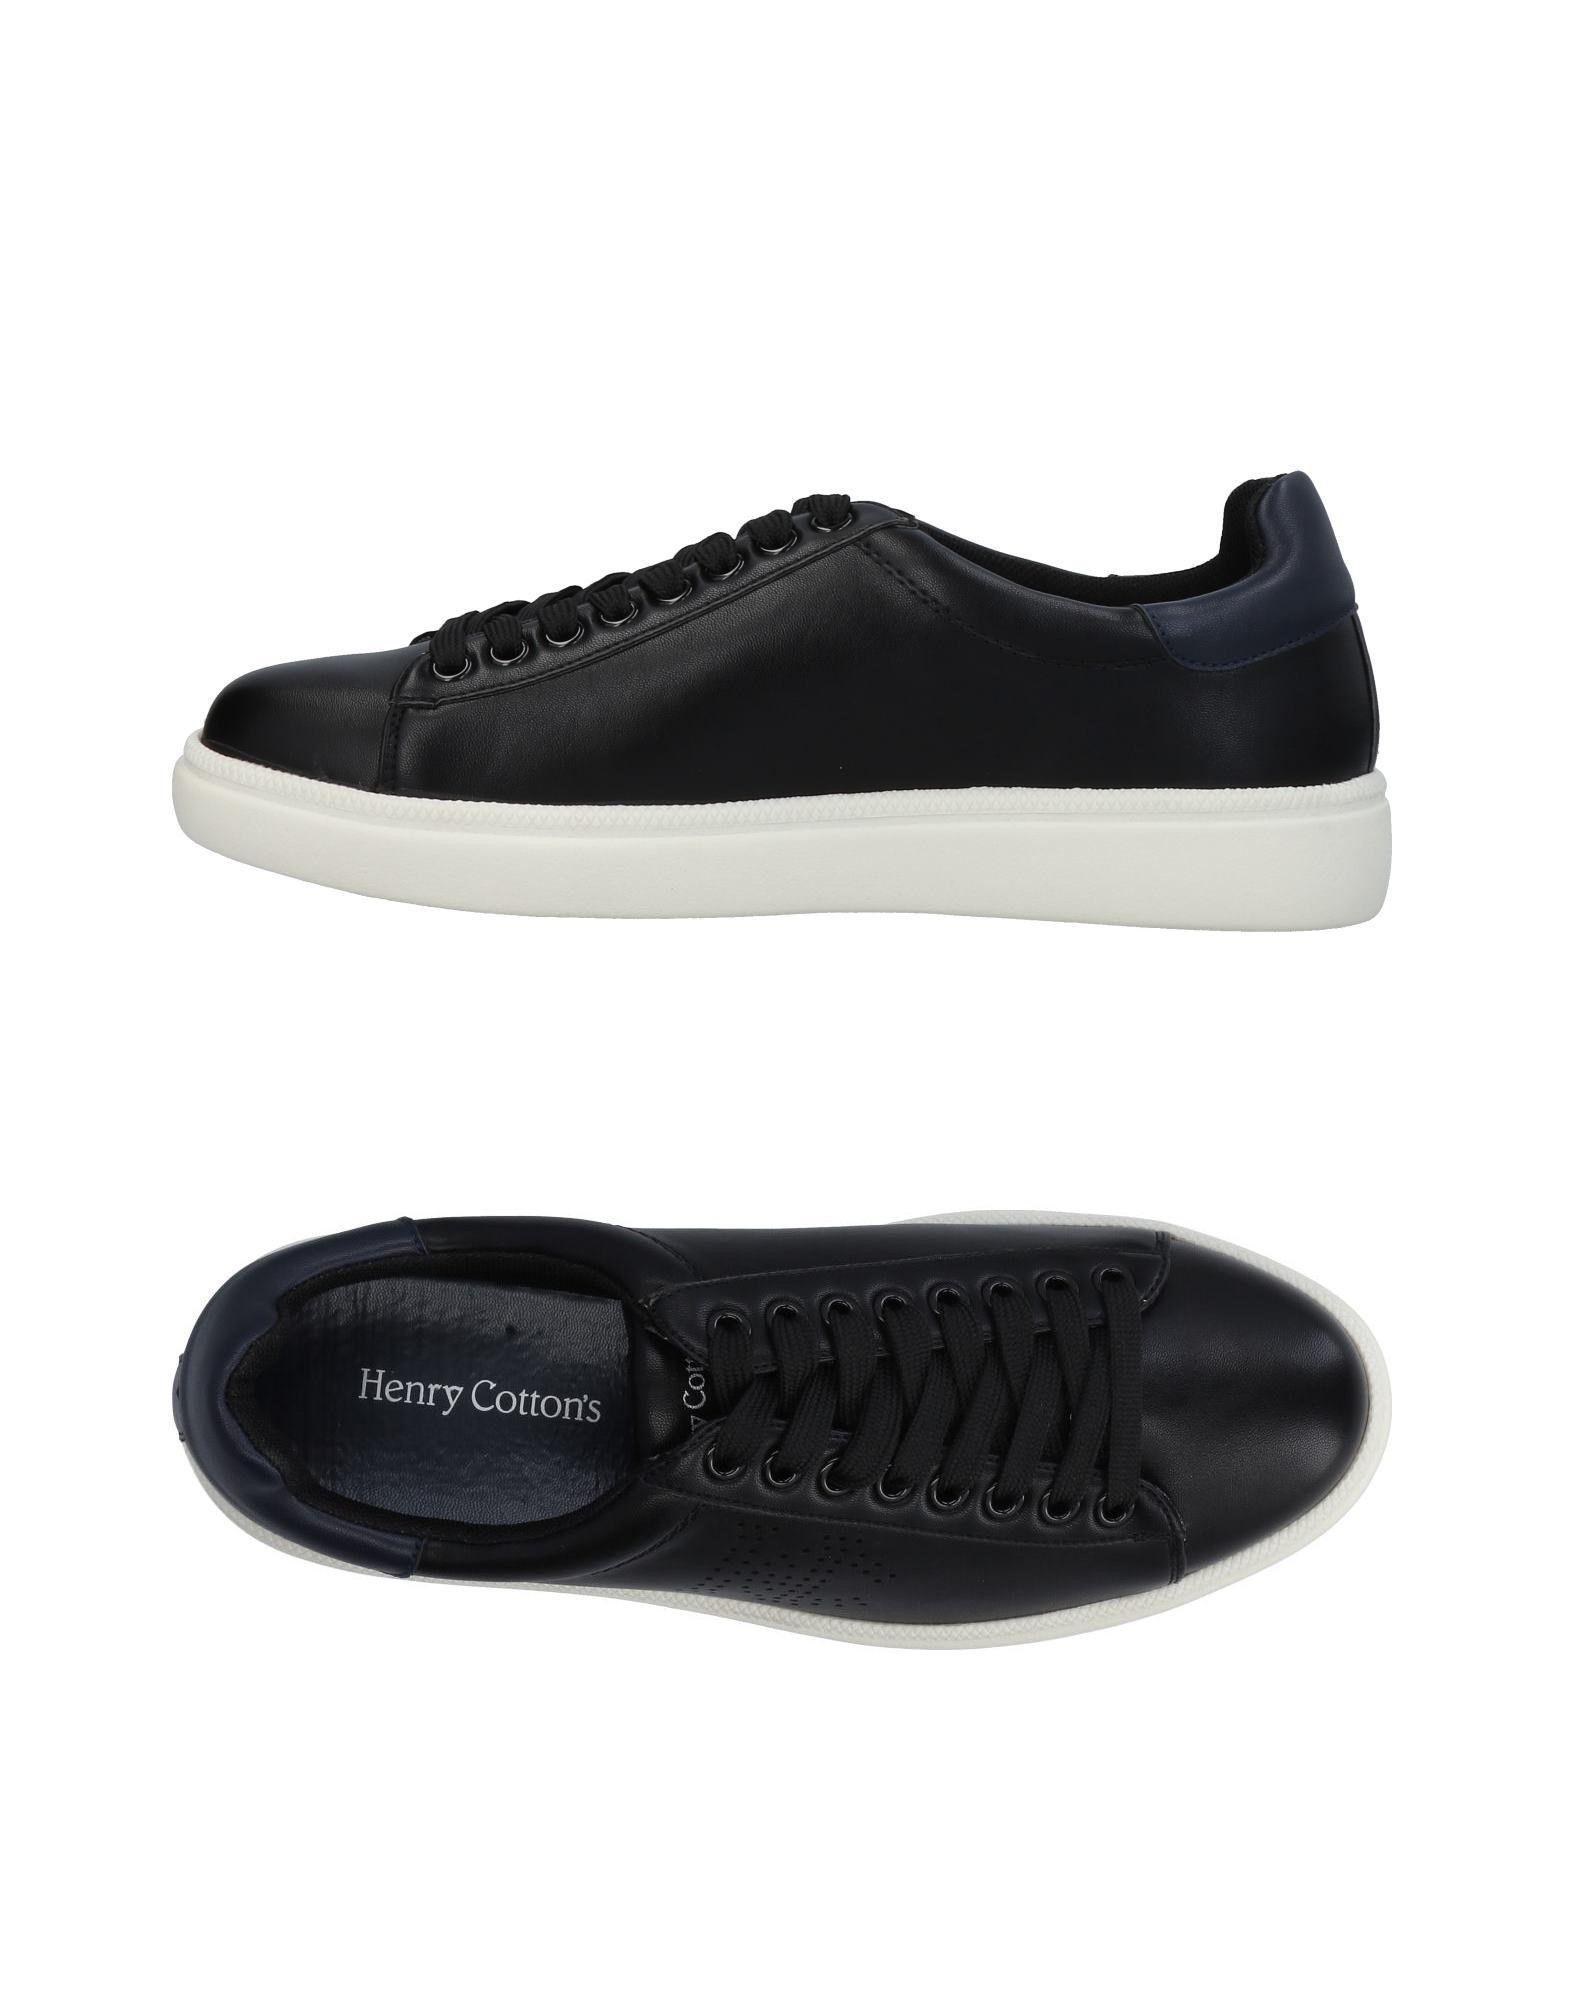 Bas-tops Et Chaussures De Sport De Coton Henry cGOAYLVYwr